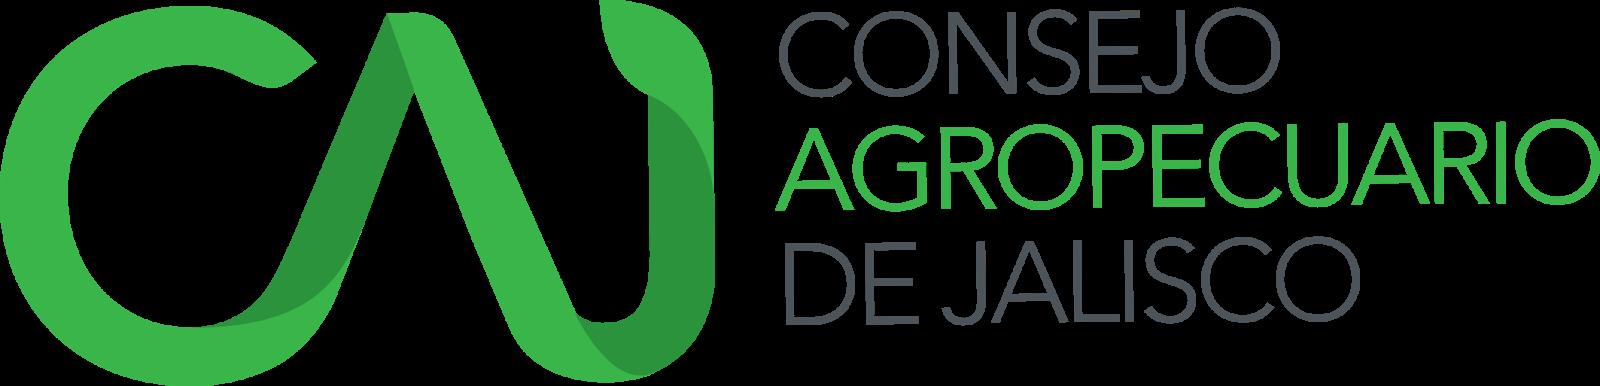 Consejo Agropecuario de Jalisco